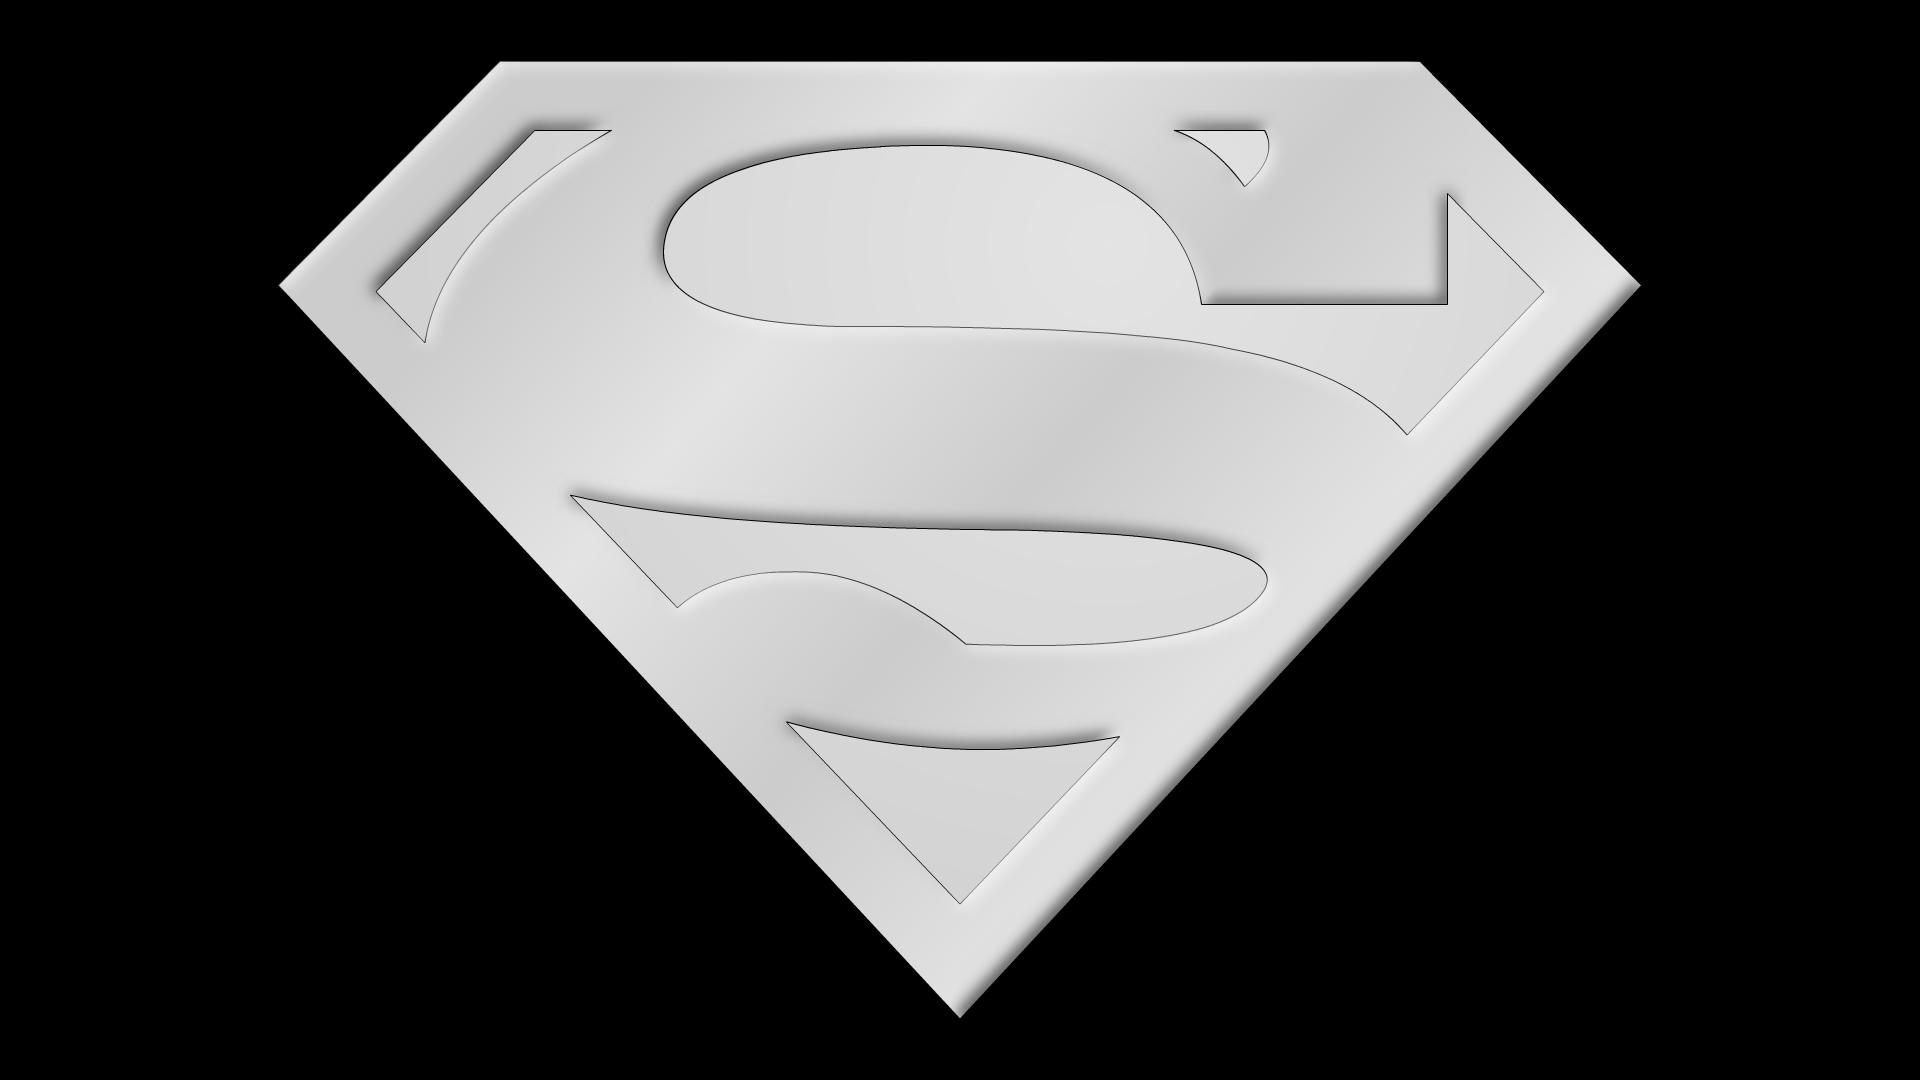 Black Suit Superman Black Suit Superman Symbol